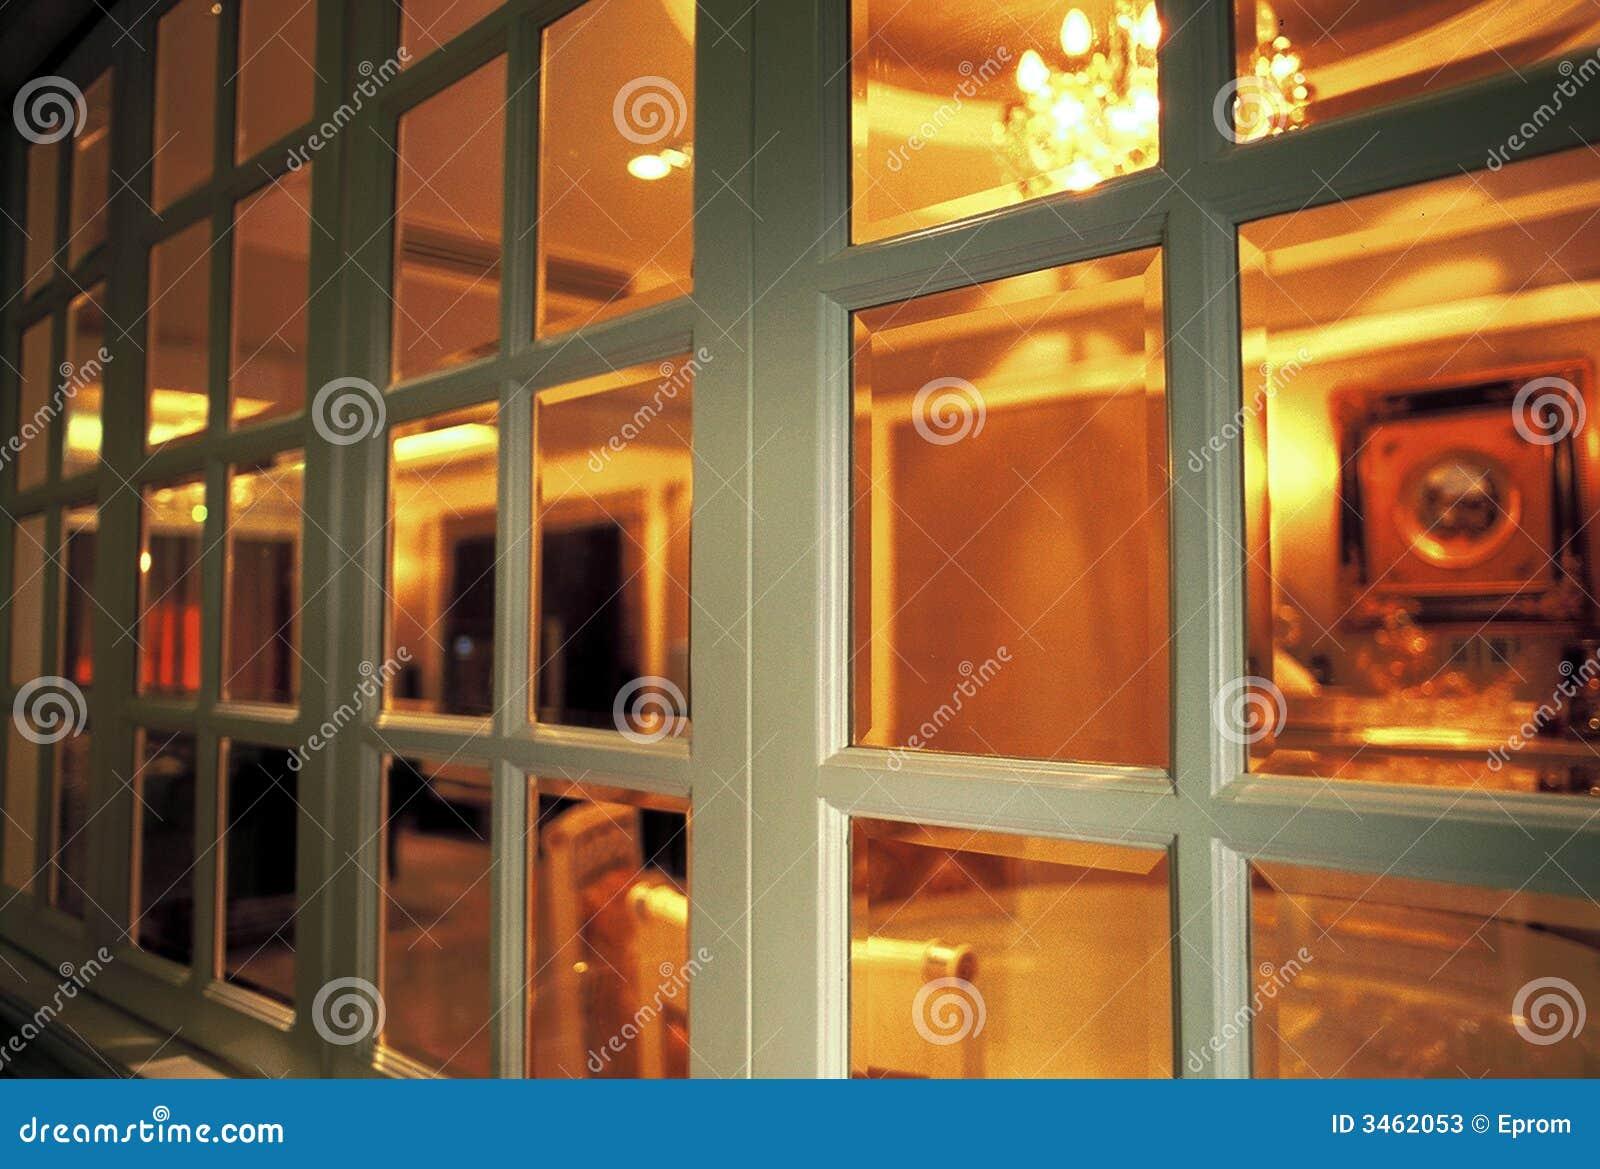 All interno della finestra